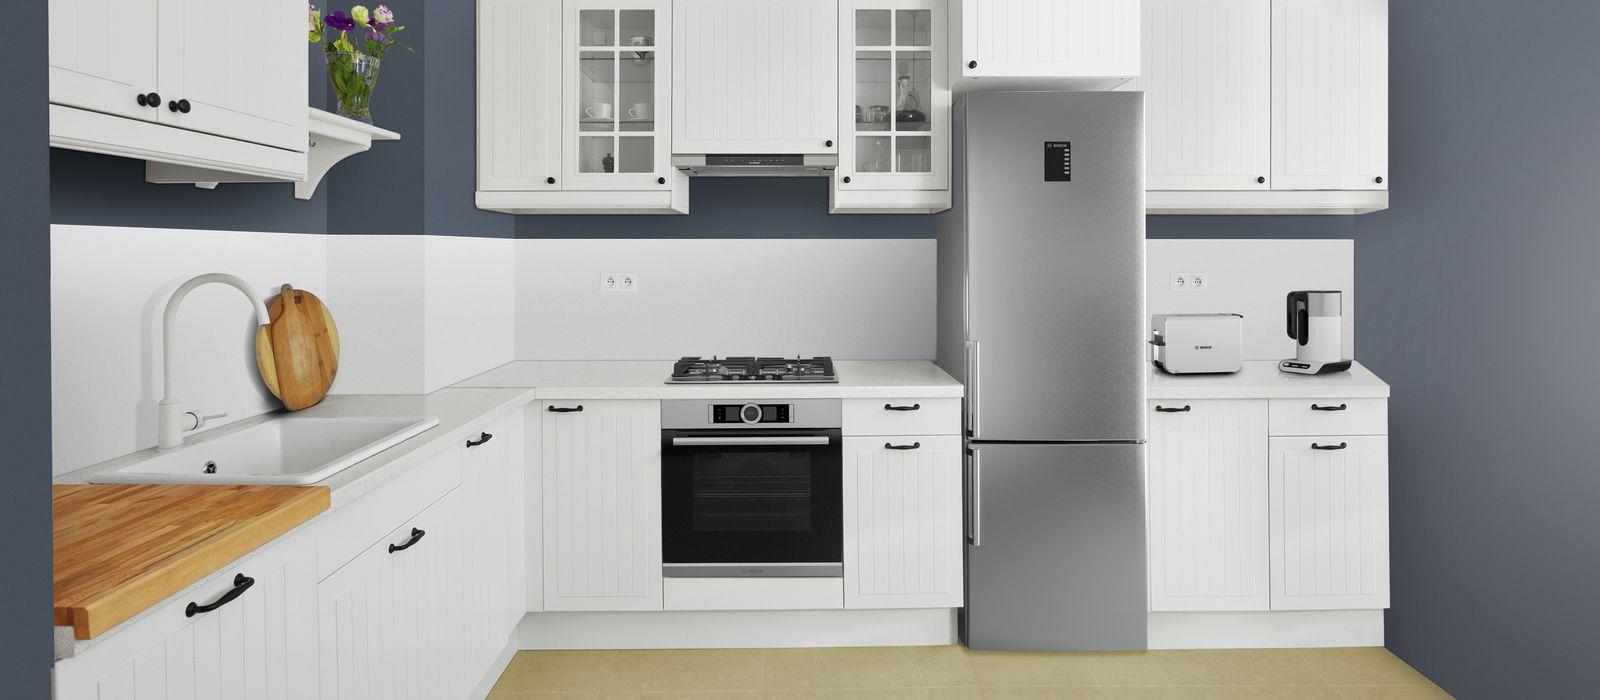 Bosch Kitchen Design Ideas - Planning, Ideas, Technologies - Bosch.